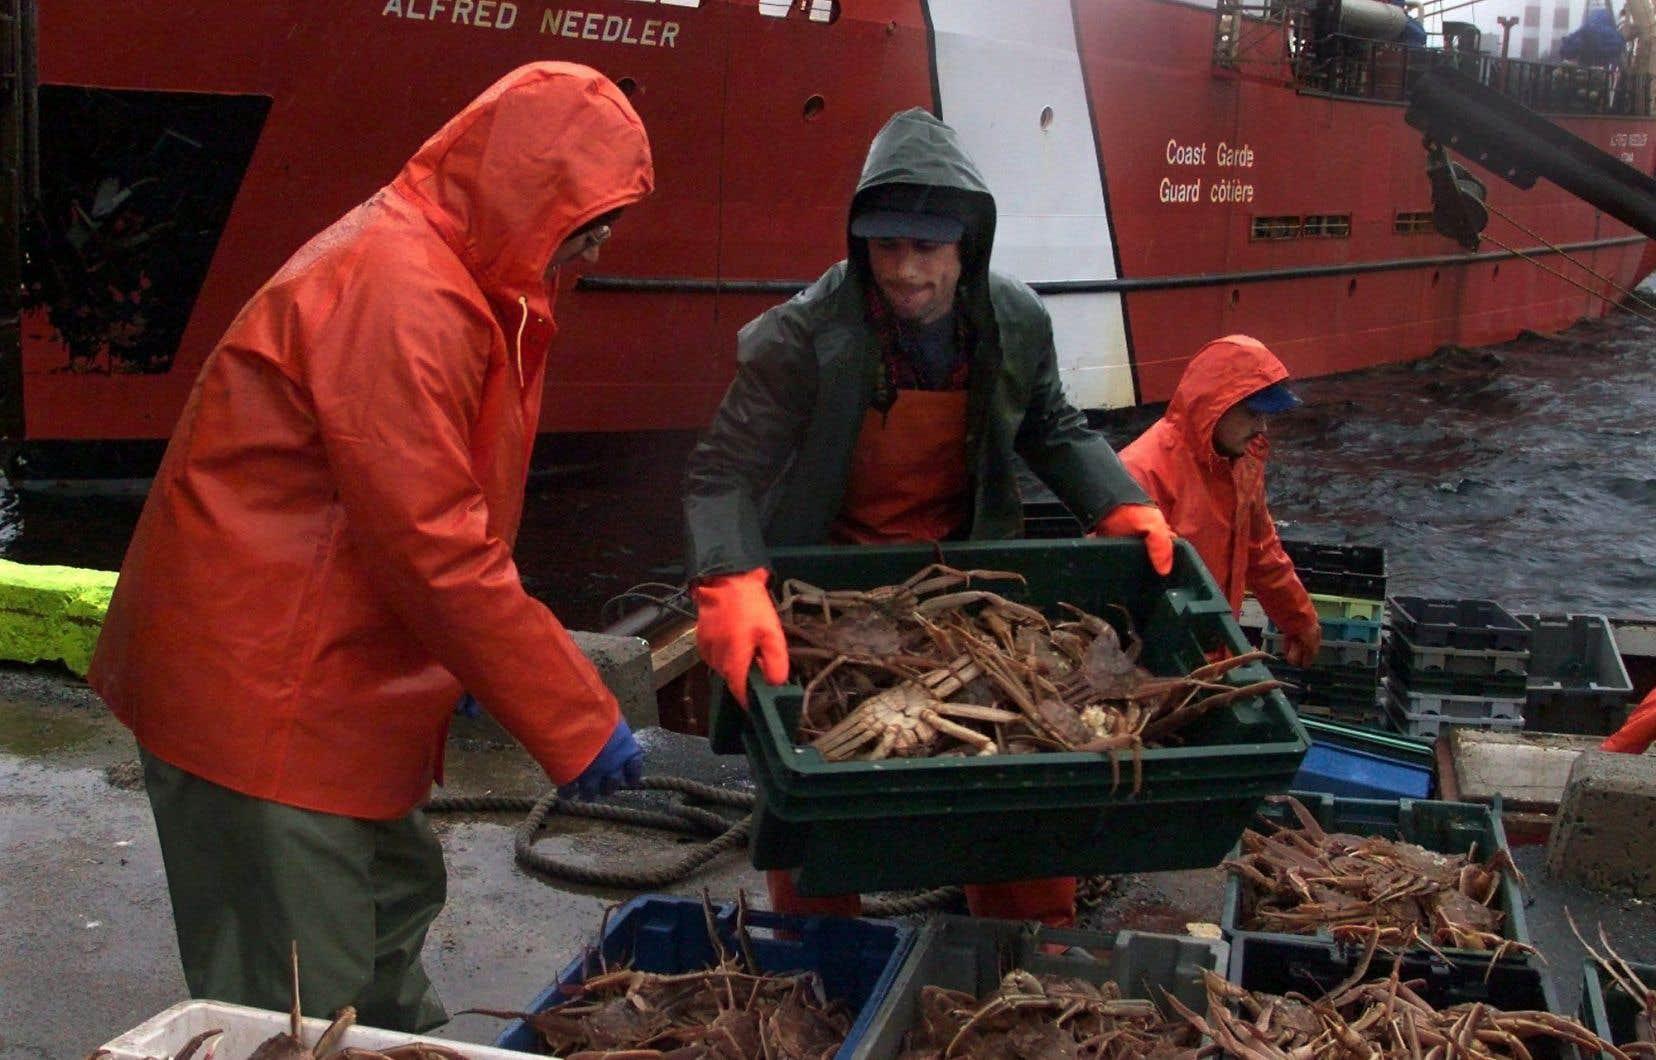 La fermeture anticipée de la pêche au crabe des neiges n'aura que peu d'impact pour les pêcheurs et l'industrie puisque, selon le ministère, le quota alloué pour la saison est déjà réalisé à 98%.